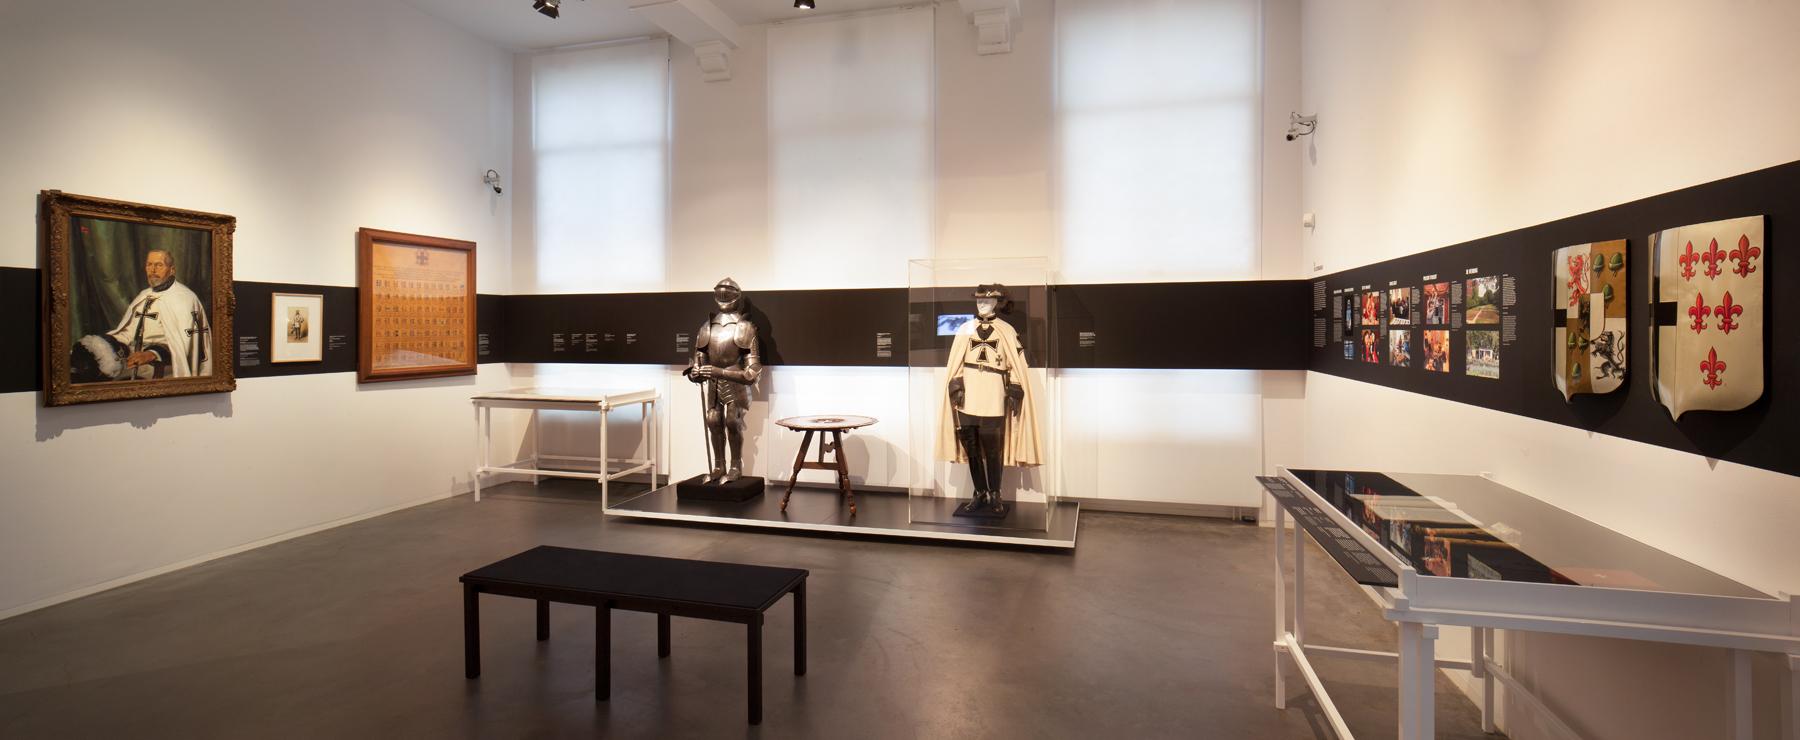 tentoonstellingsontwerp kruivaarders en weldoeners centraal museum 04 jpg